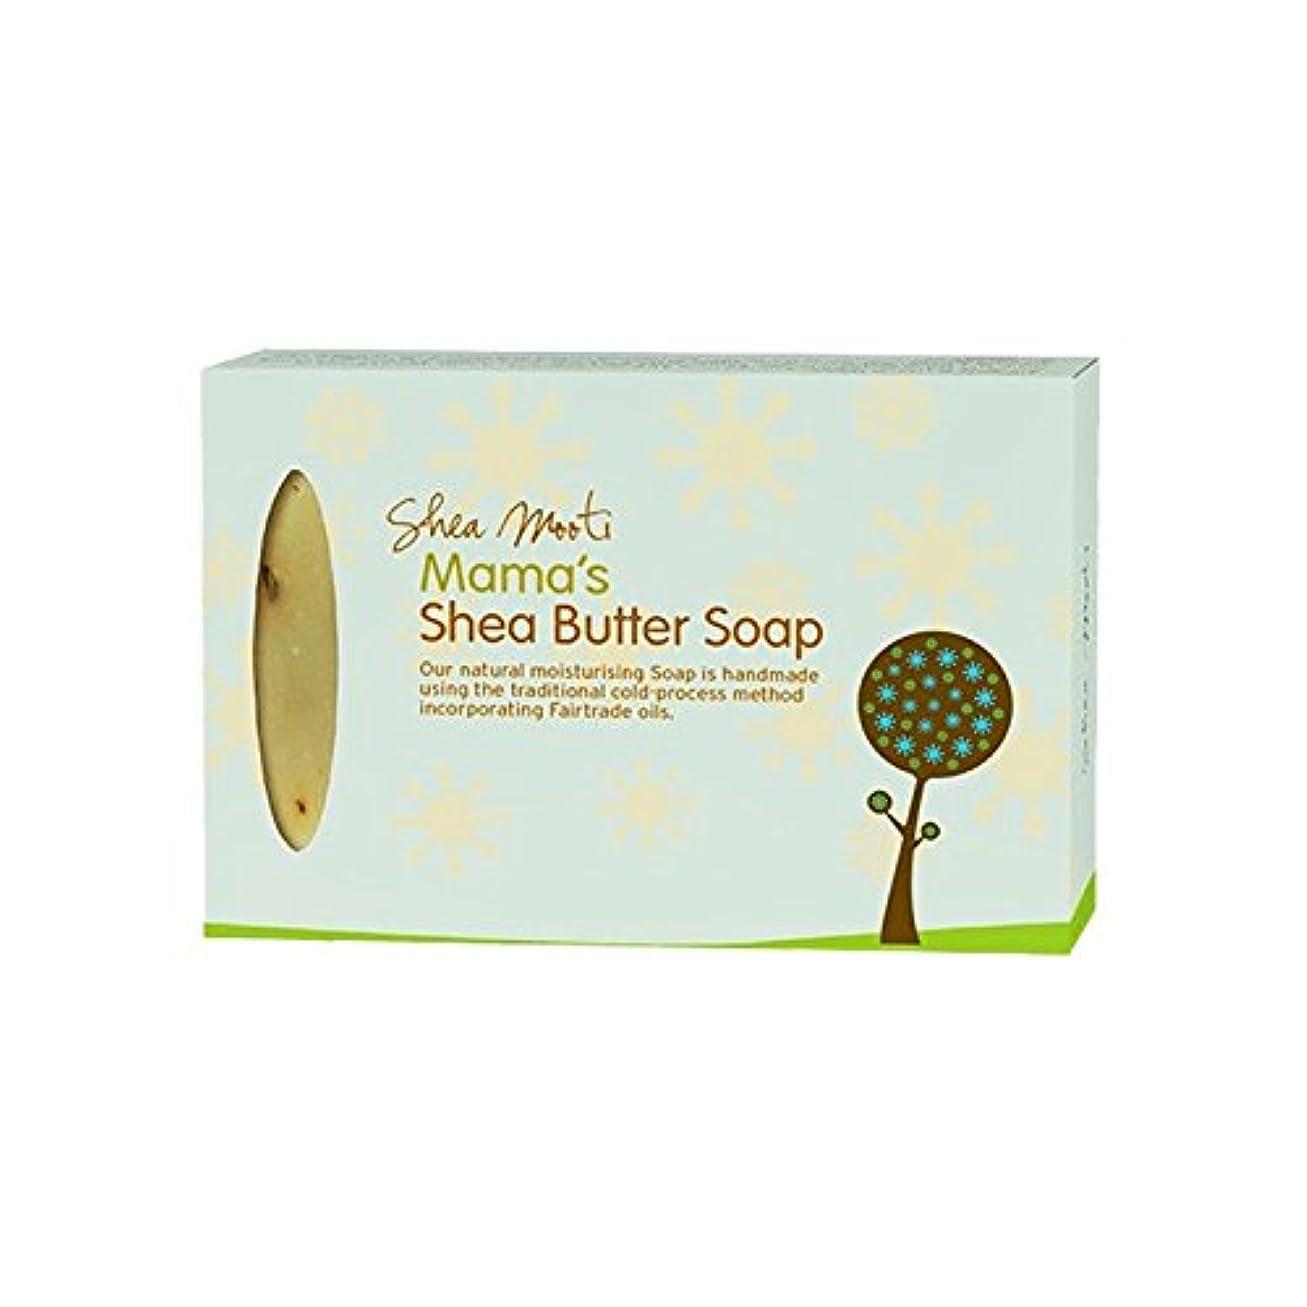 入るいま哲学シアバターMootiママのシアバターソープ100グラム - Shea Mooti Mama's Shea Butter Soap 100g (Shea Mooti) [並行輸入品]